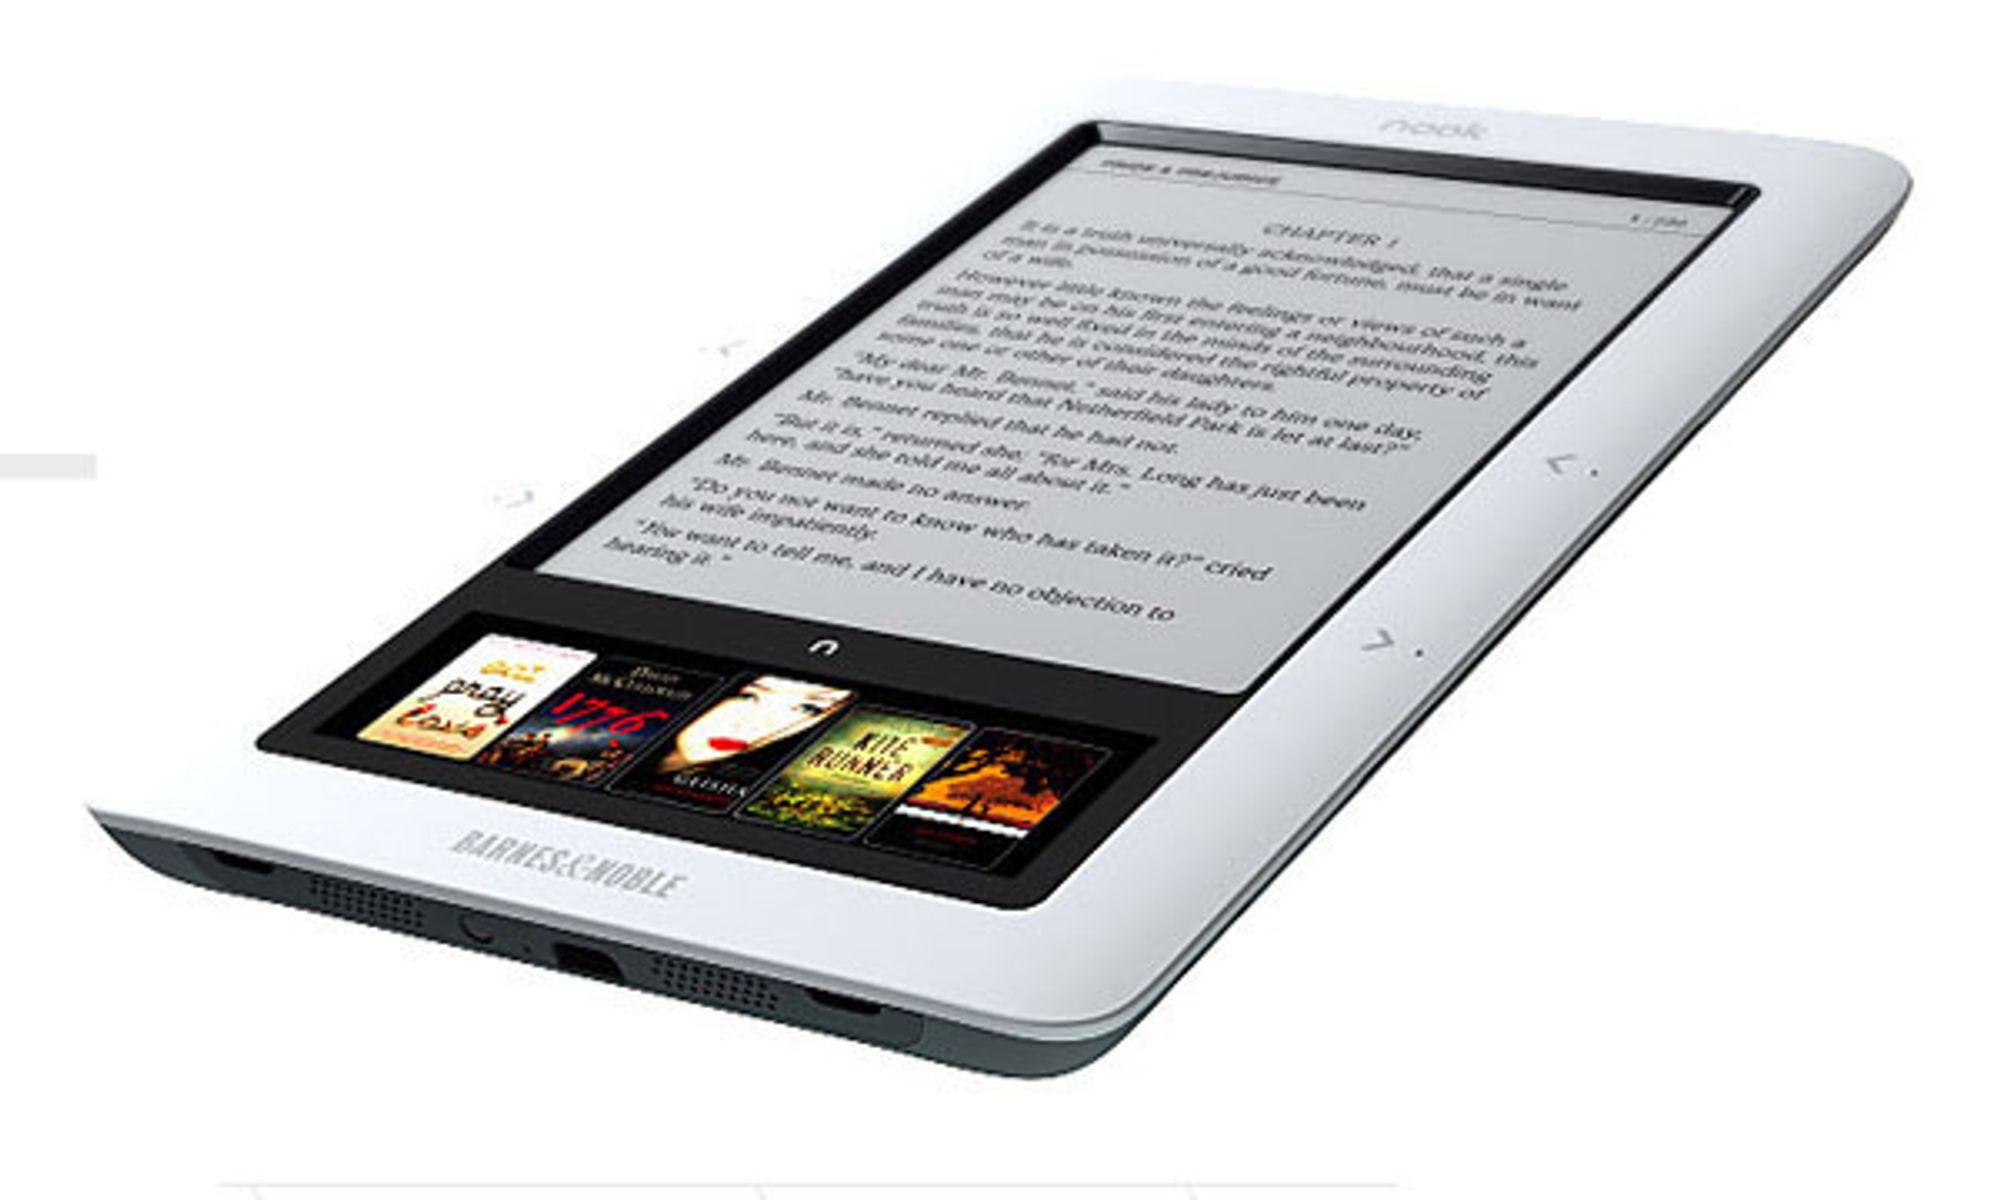 Nook har to skjermer, den ene er en trykkfølsom LCD-skjerm, den andre basert på elektronisk blekk.